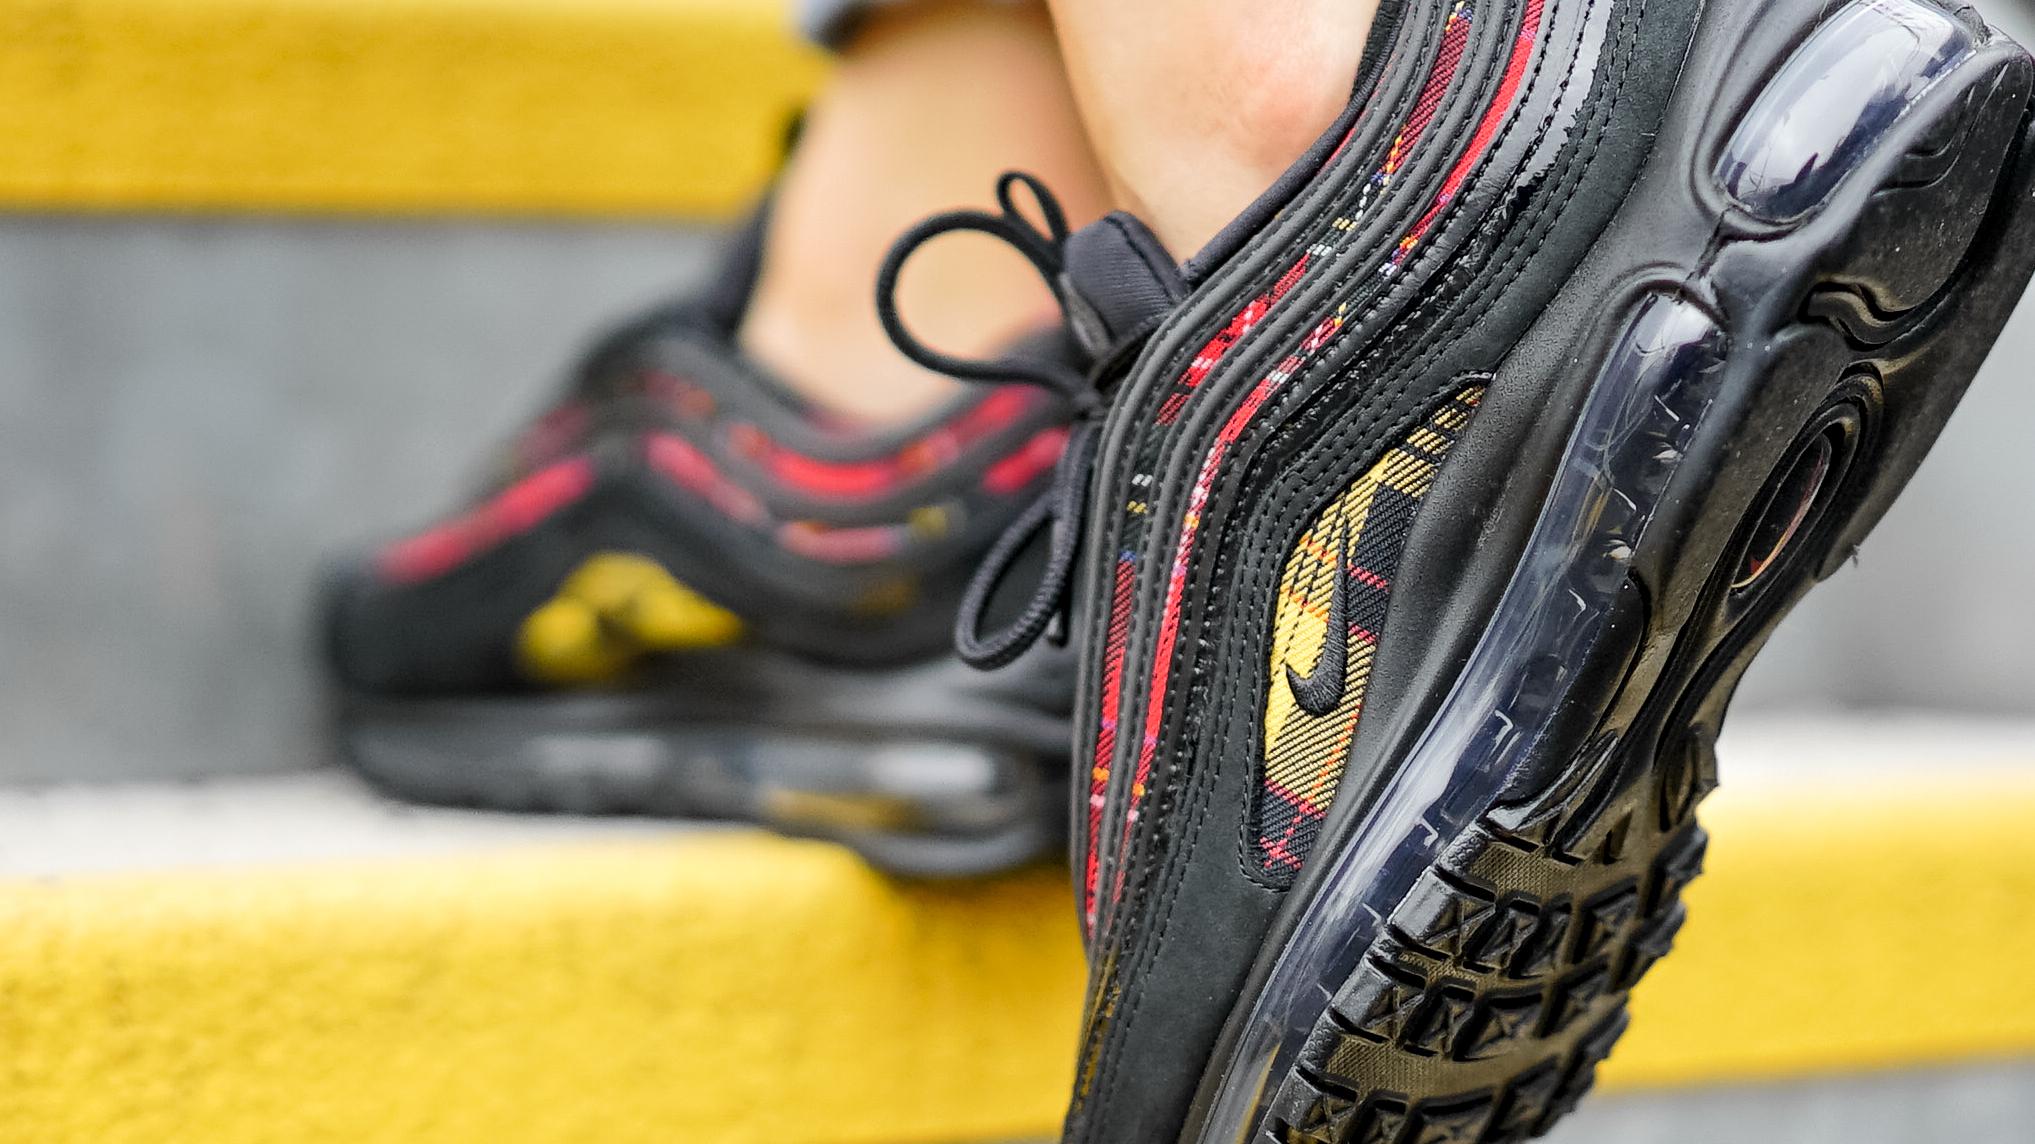 An exclusive on foot look at nike air max jpg 2035x1144 Air max 97 plaid  light 47c878781